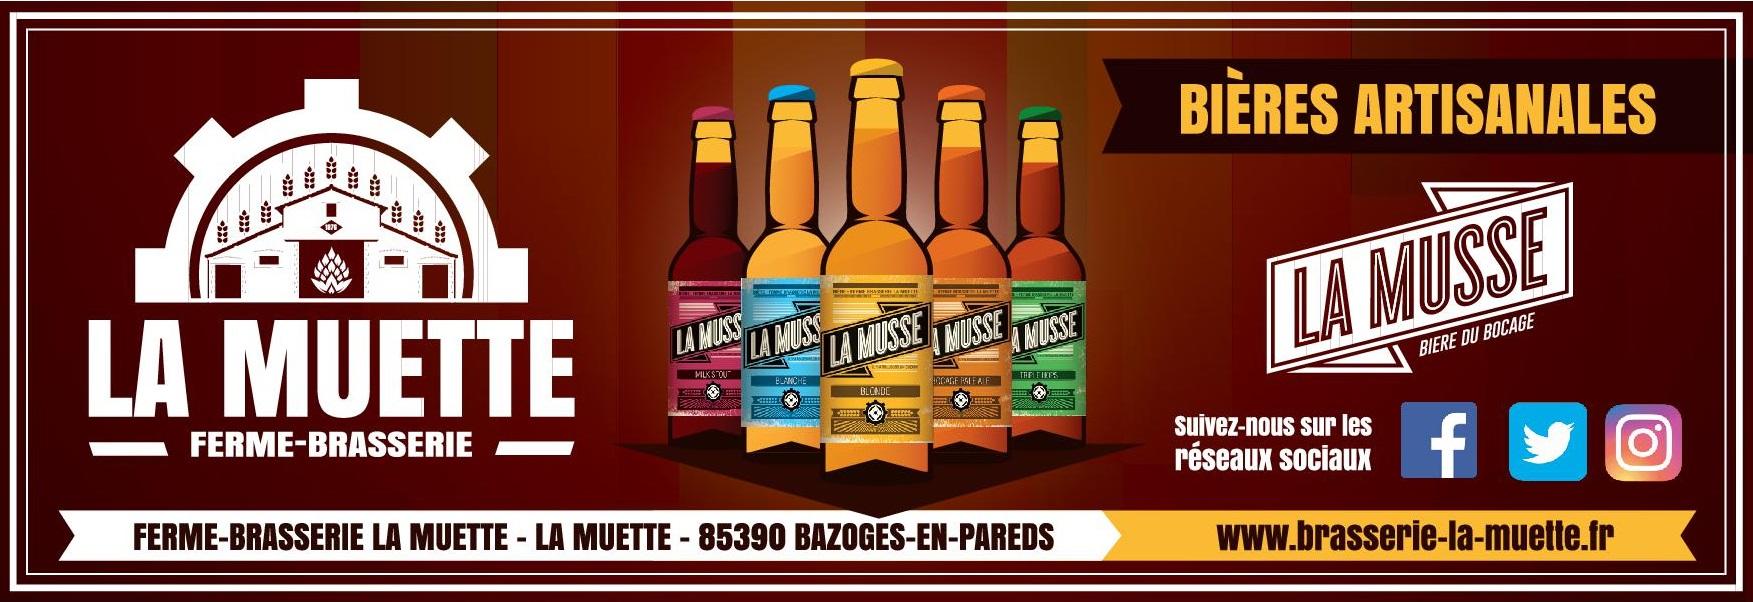 Ferme-Brasserie La Muette